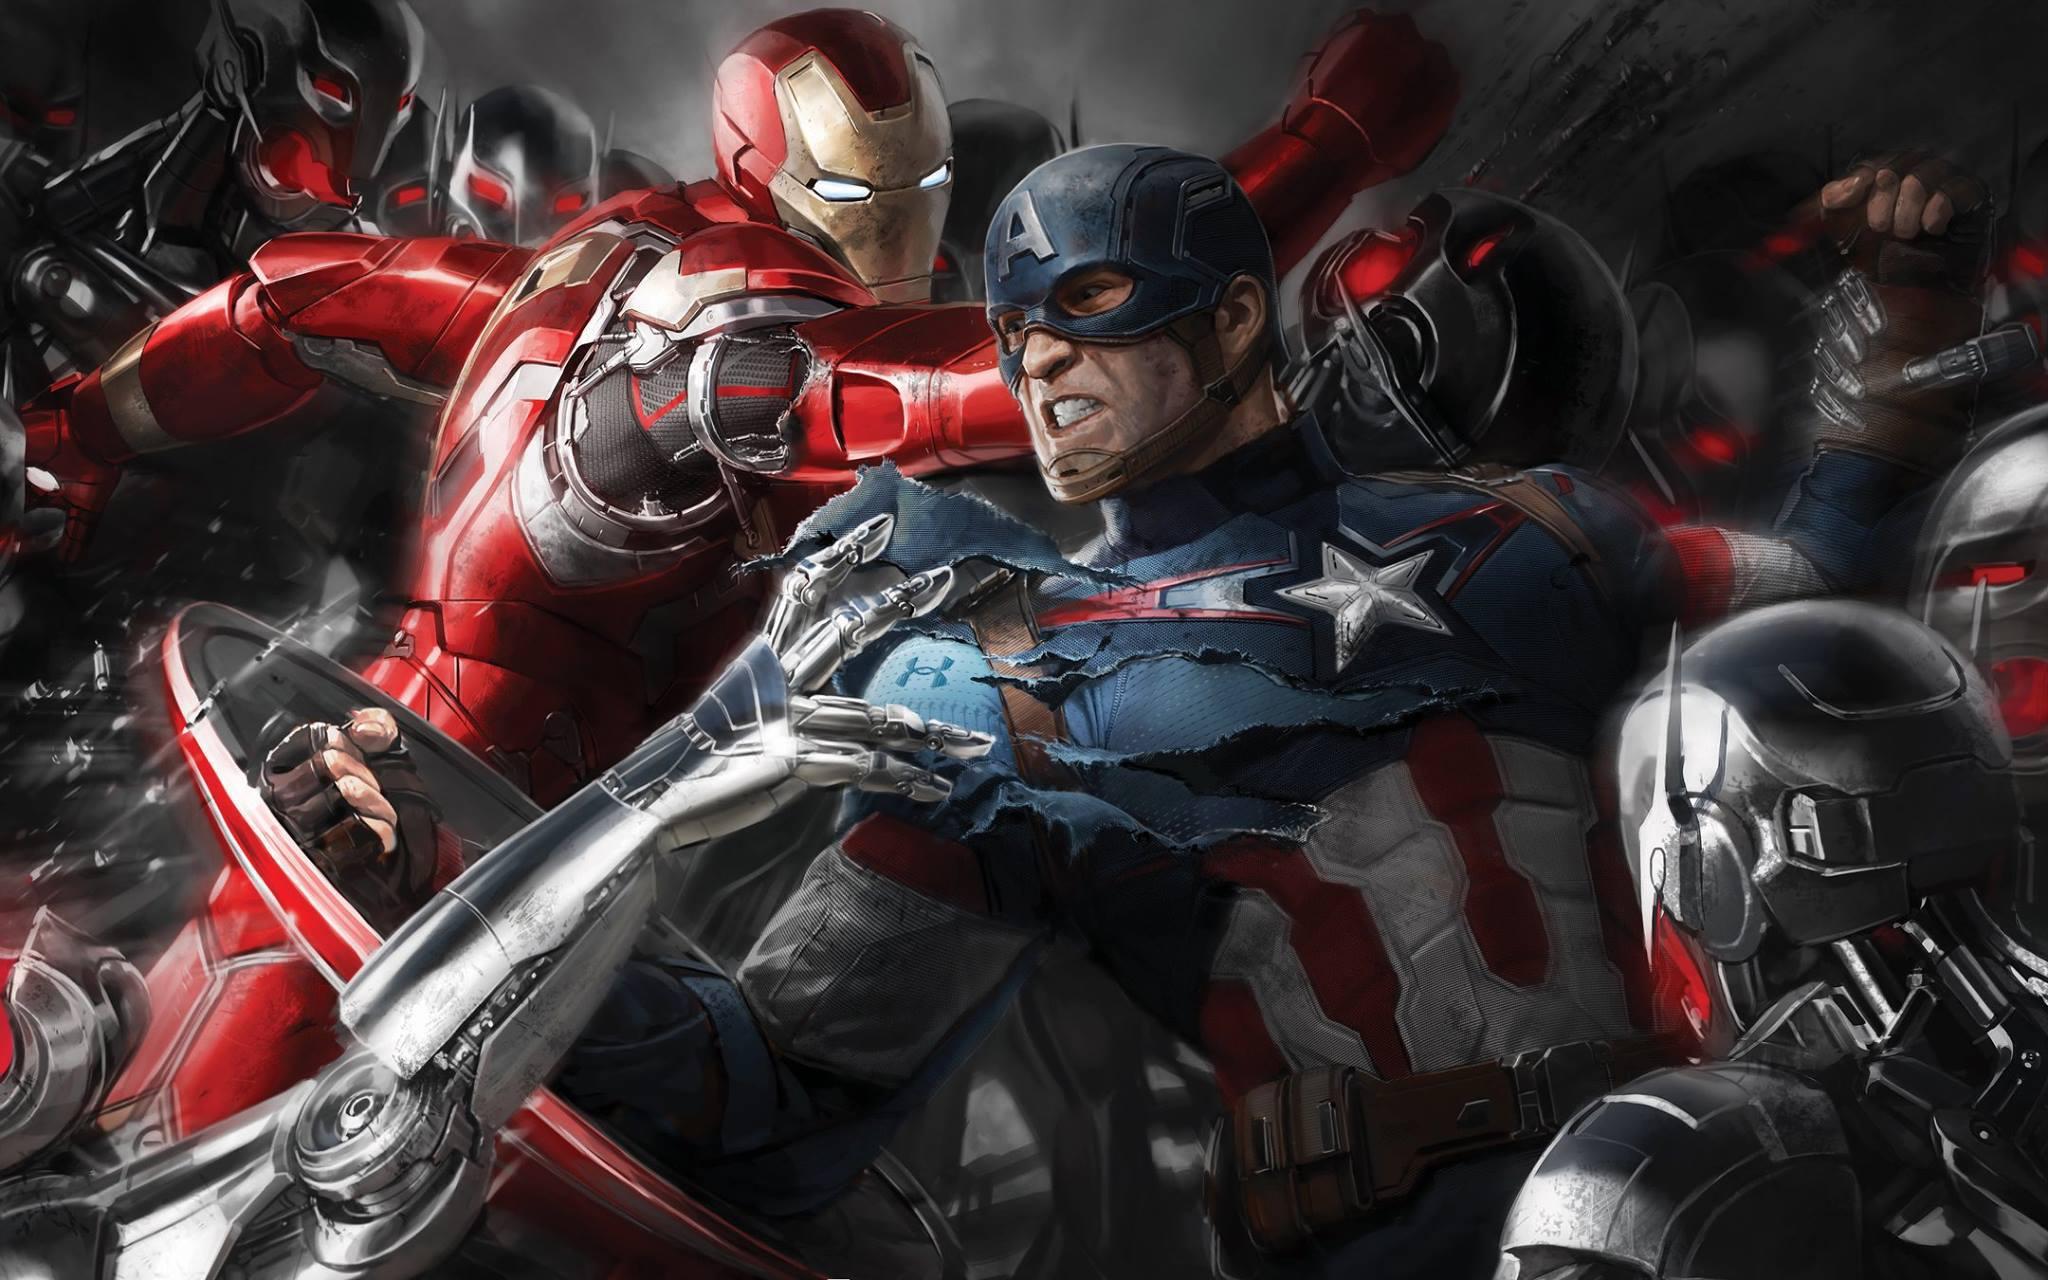 Captain America Civil War Wallpapers Hd: Captain America: Civil War Wallpapers Images Photos